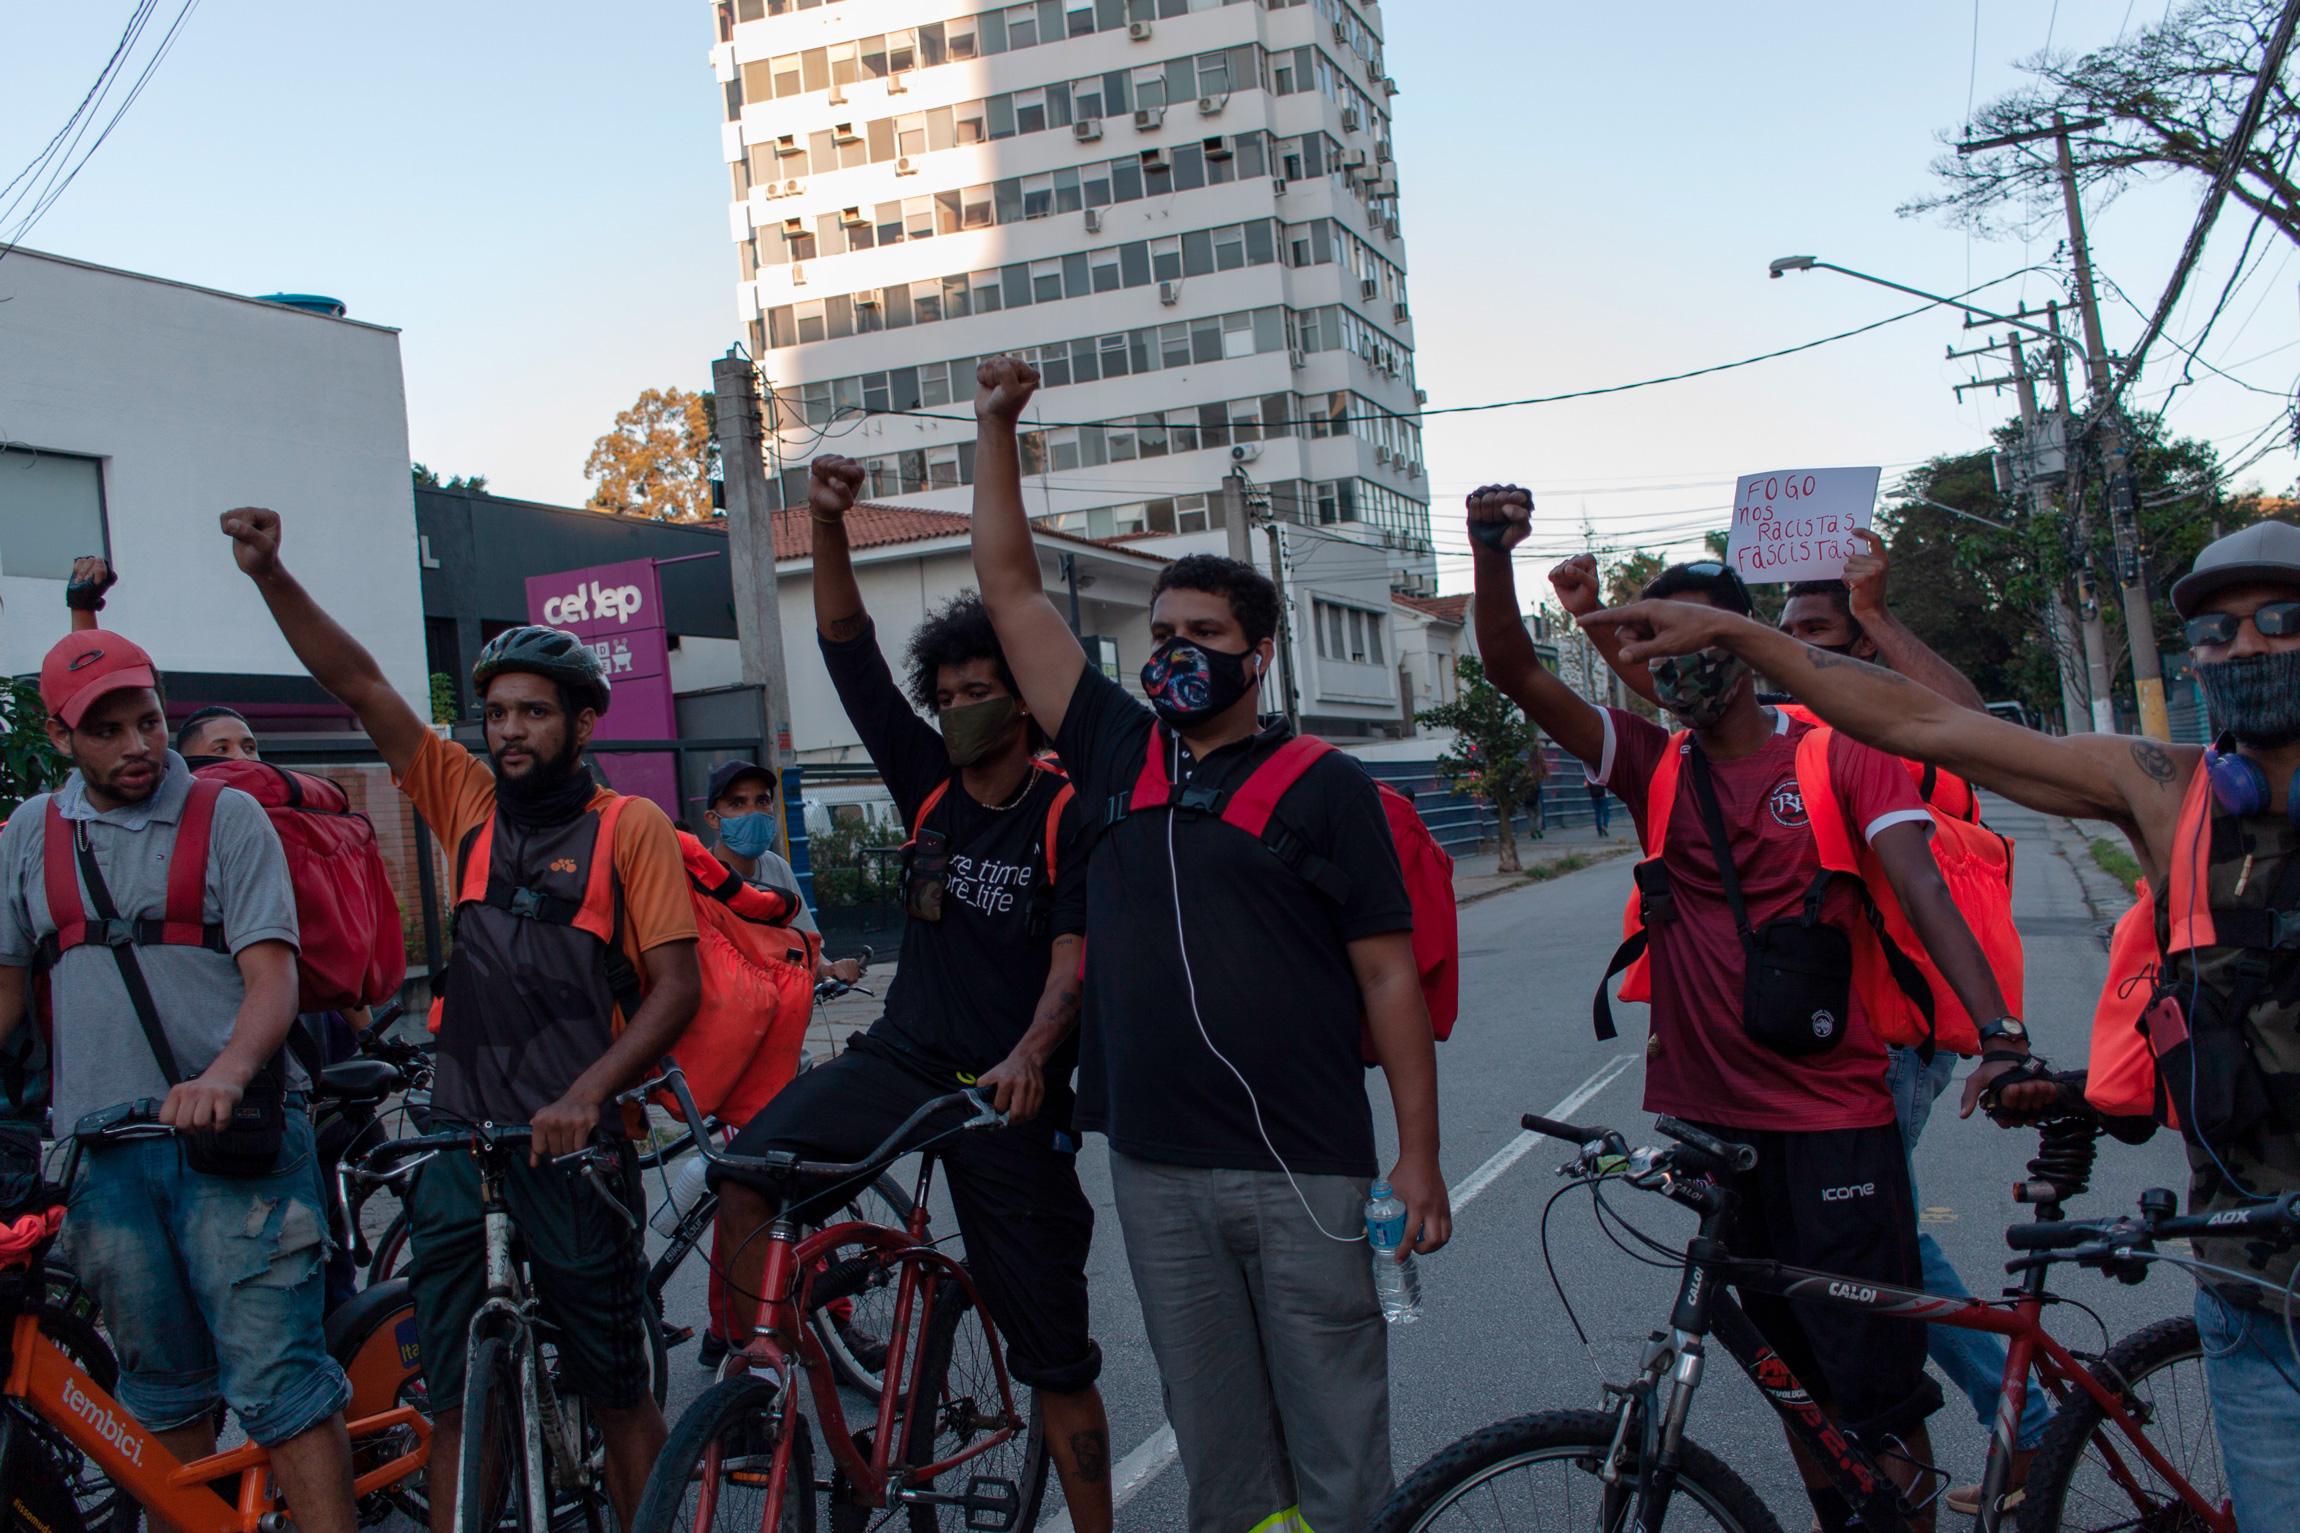 Manifestação de entregadores de aplicativo delivery contra o governo do presidente Jair Bolsonaro (sem partido) e a precarização do trabalho, em Pinheiros, zona oeste de São Paulo, em 7 de junho de 2020.